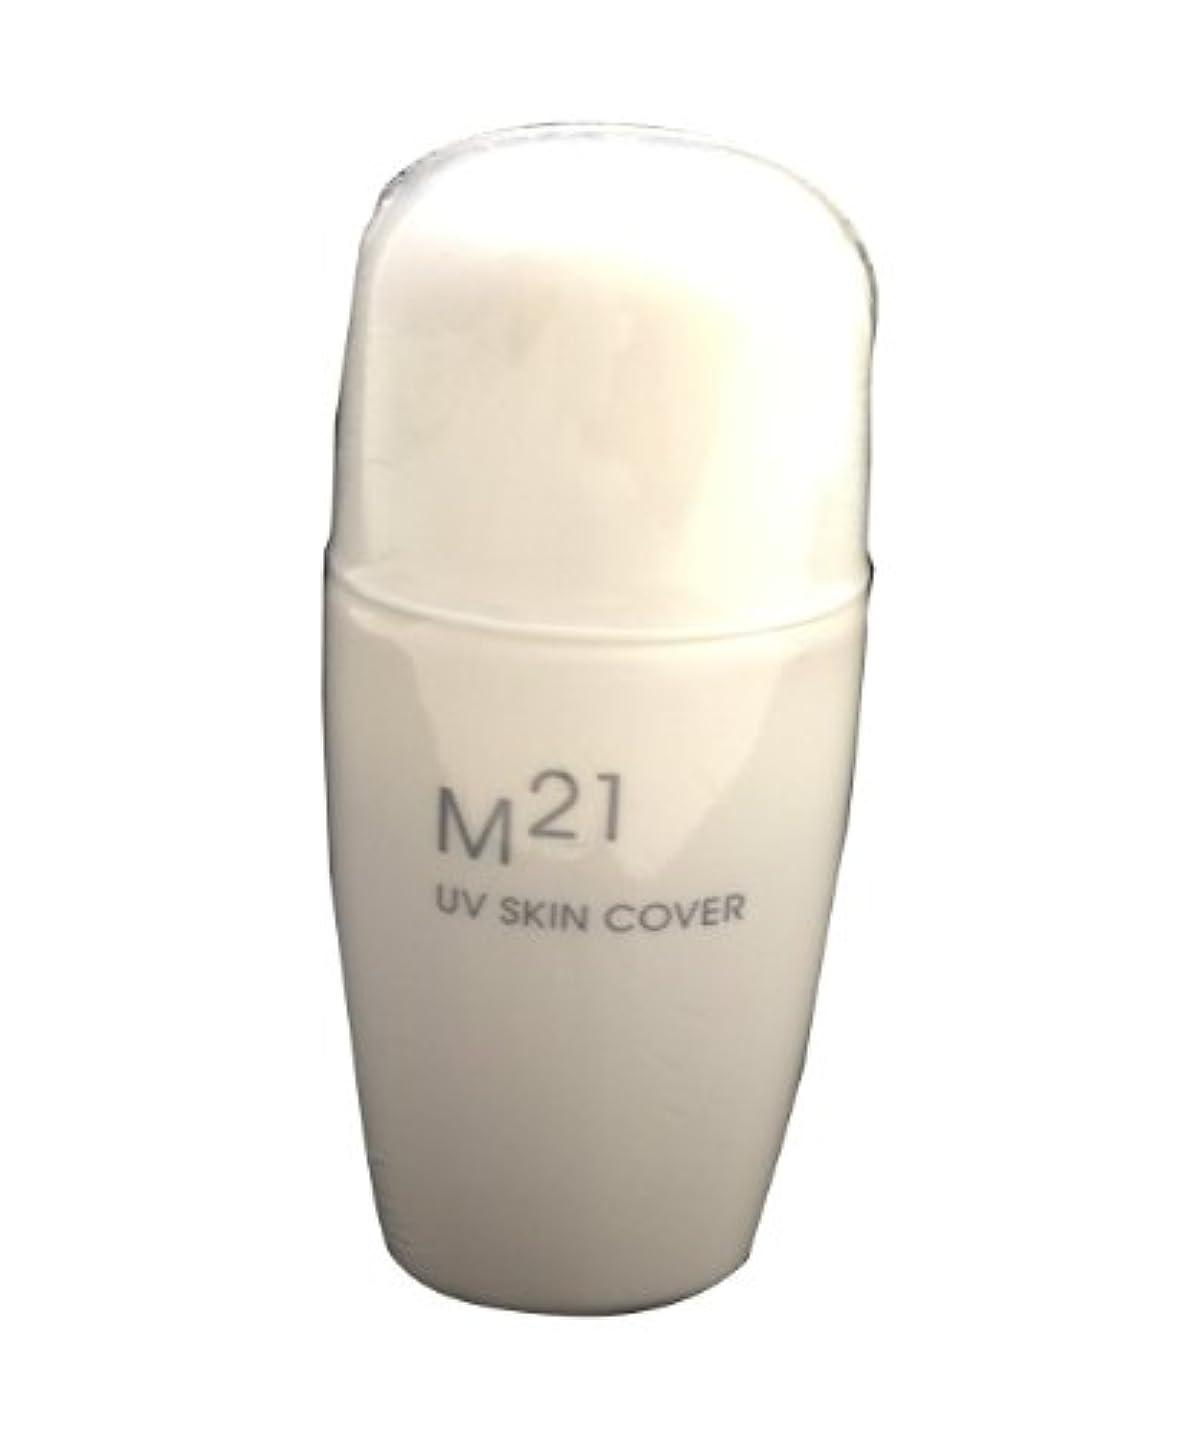 汚染された交流する状M21UVスキンカバー 自然化粧品M21